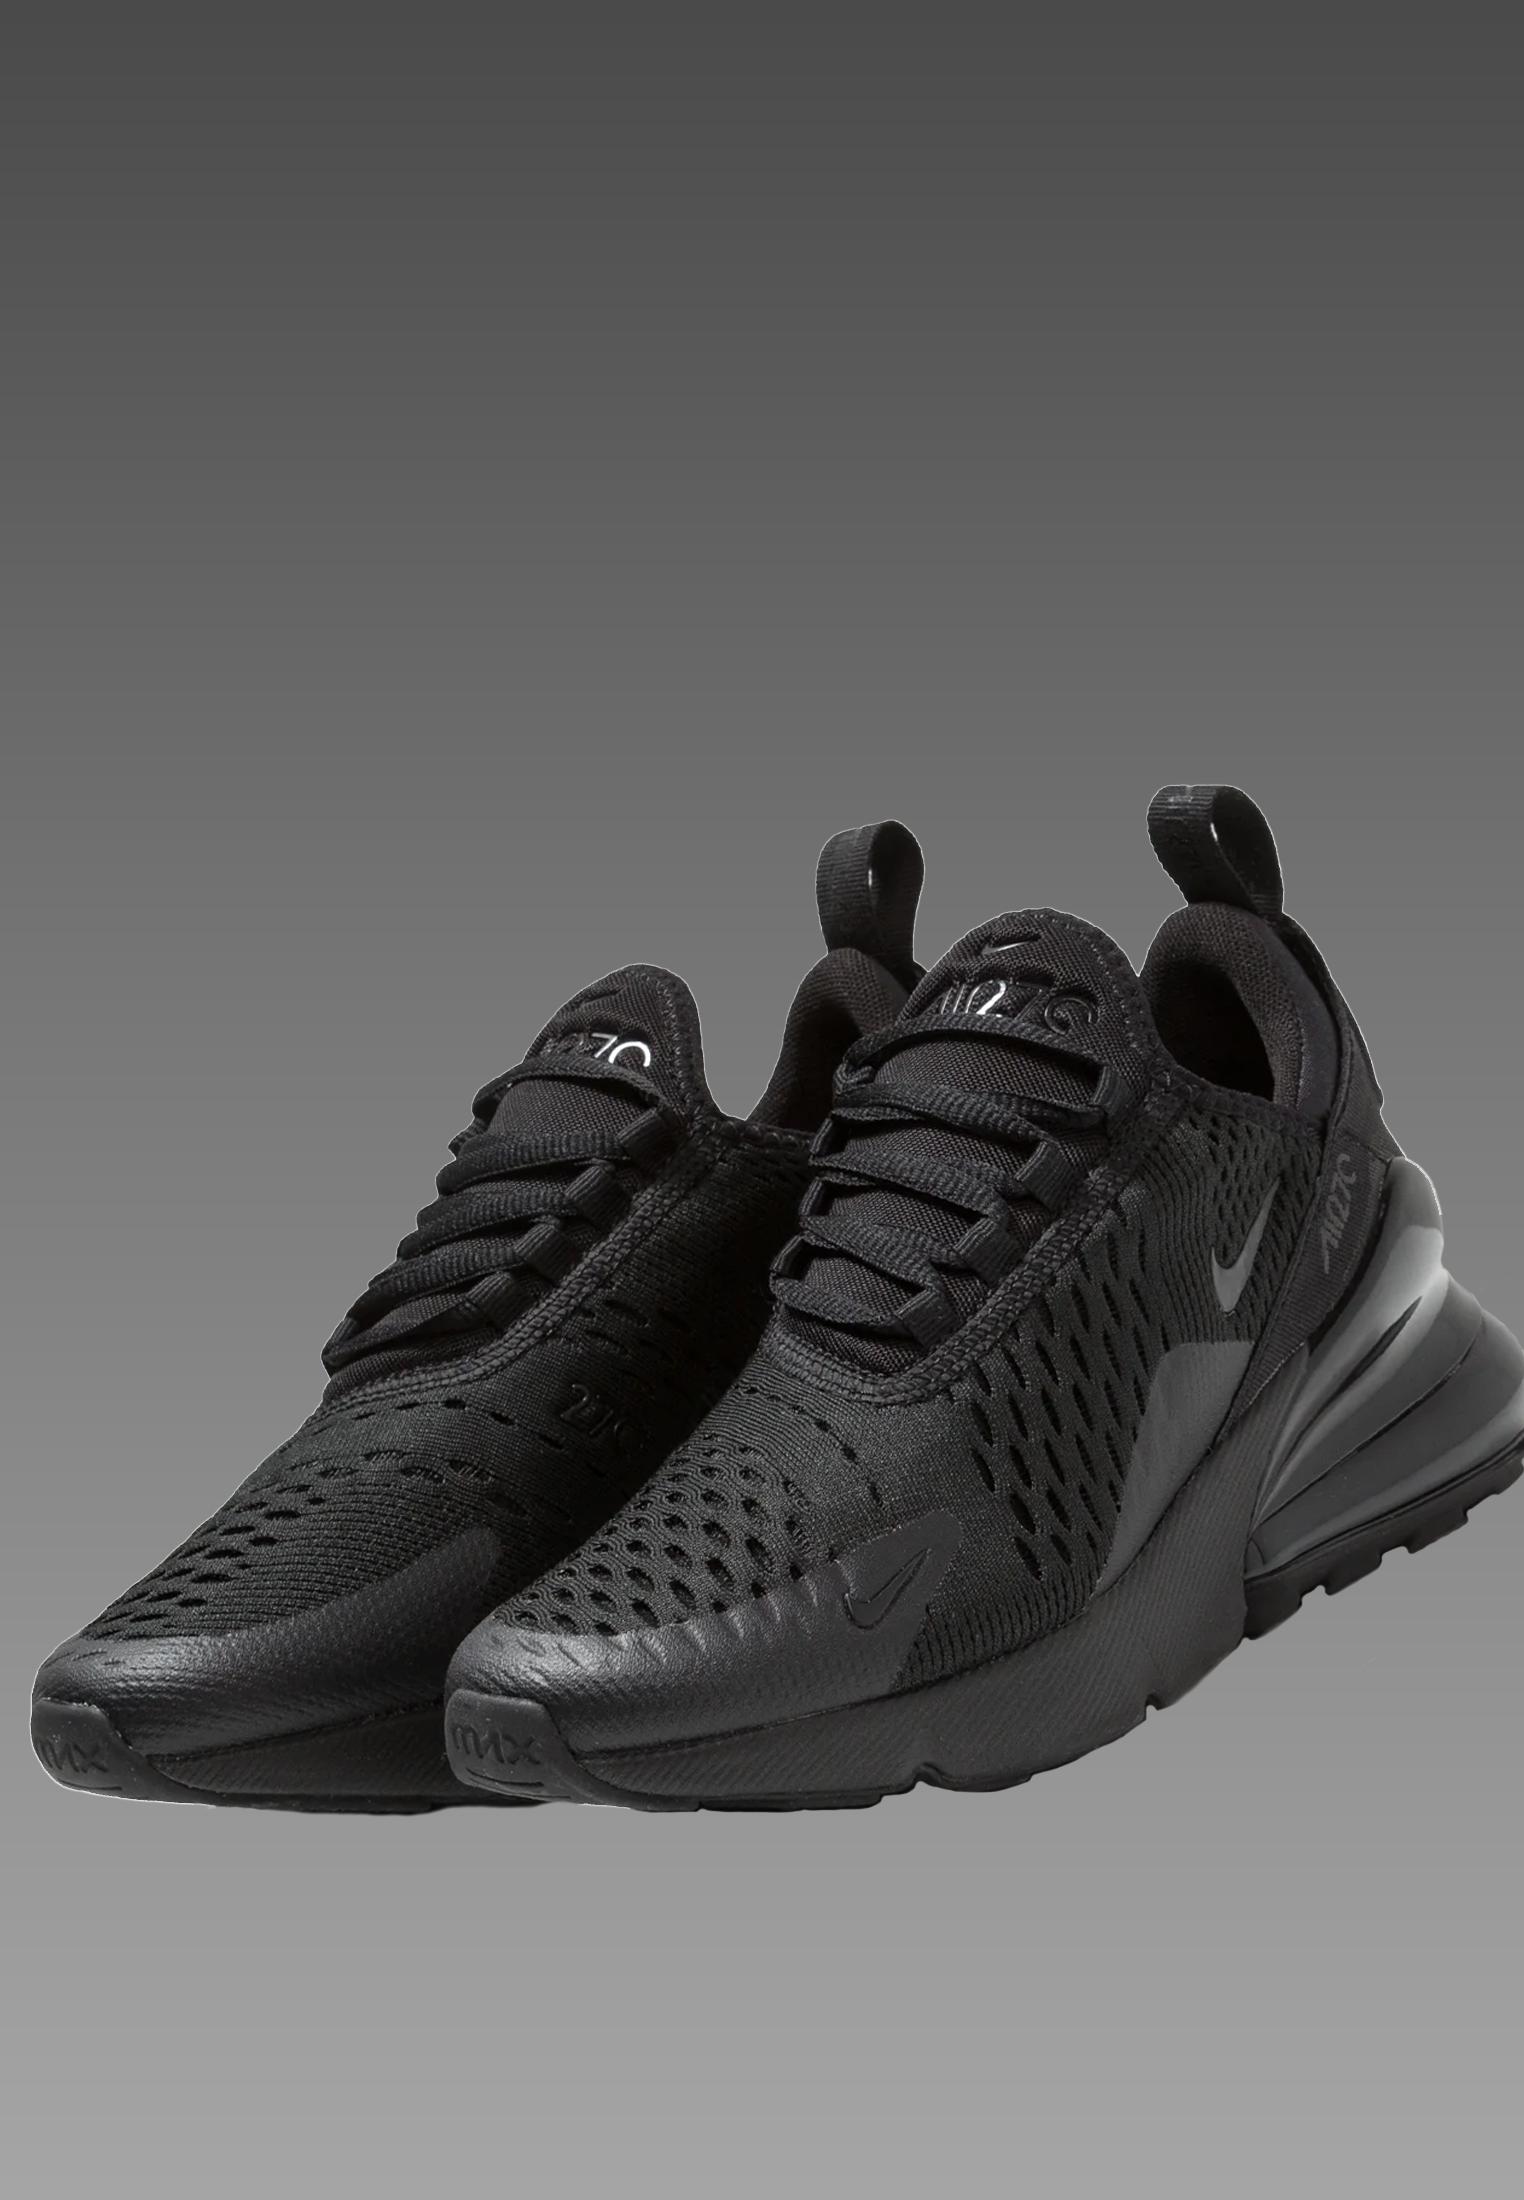 Nike Air Max 270 (GS) Sneaker Damen Kinder |Gr 37,5-40 |Schwarz/Schwarz |BQ5776 001